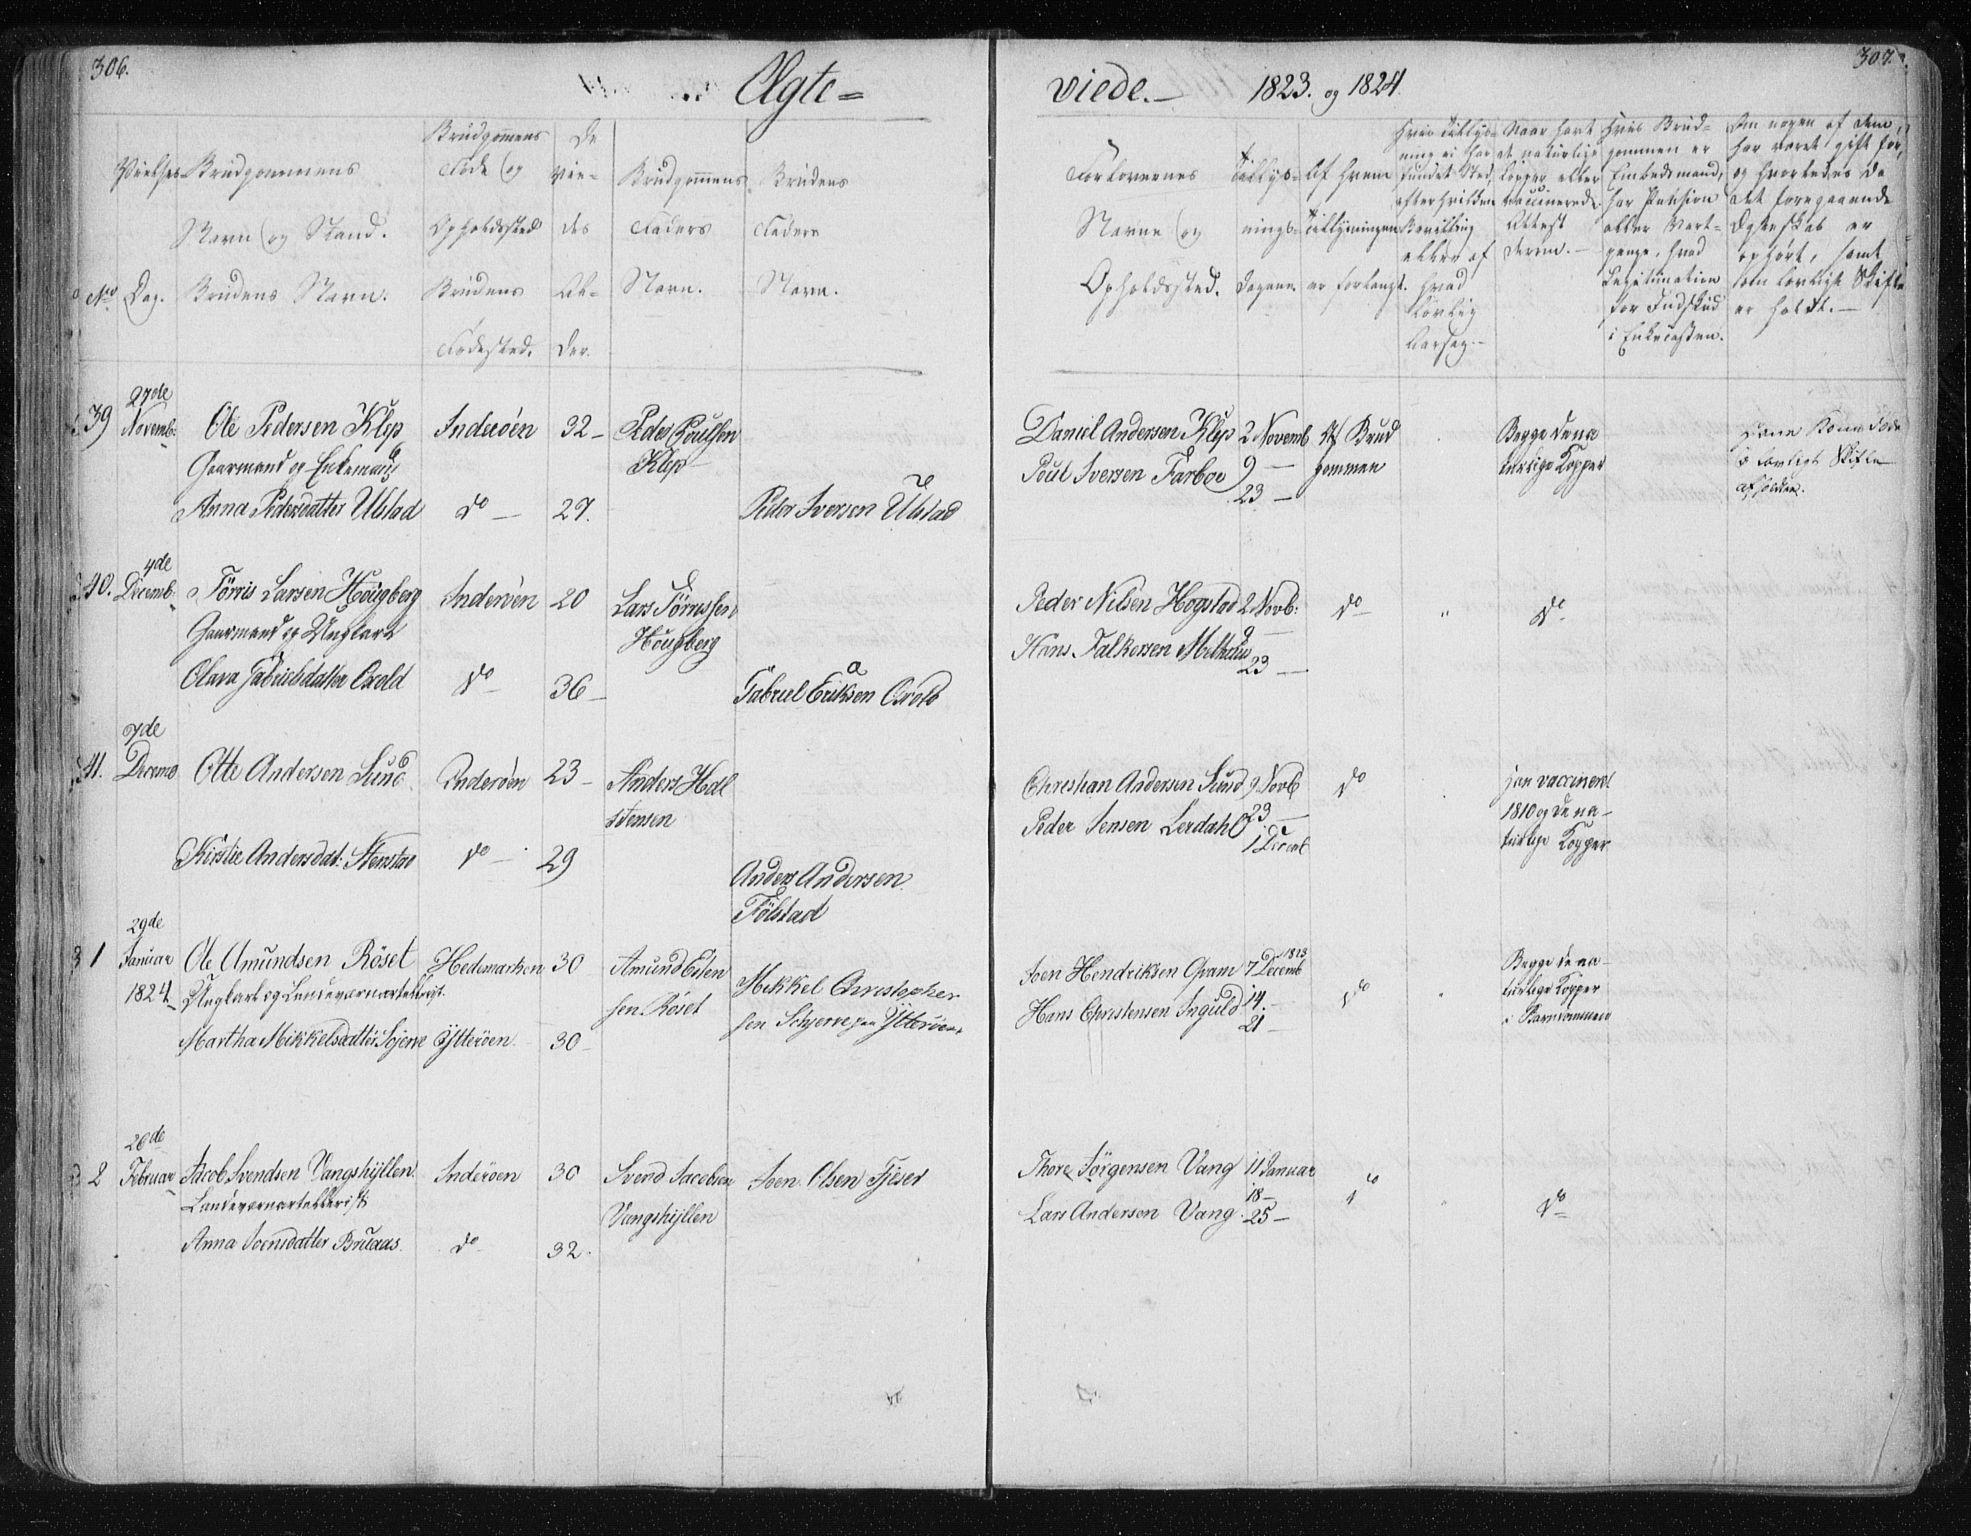 SAT, Ministerialprotokoller, klokkerbøker og fødselsregistre - Nord-Trøndelag, 730/L0276: Ministerialbok nr. 730A05, 1822-1830, s. 306-307